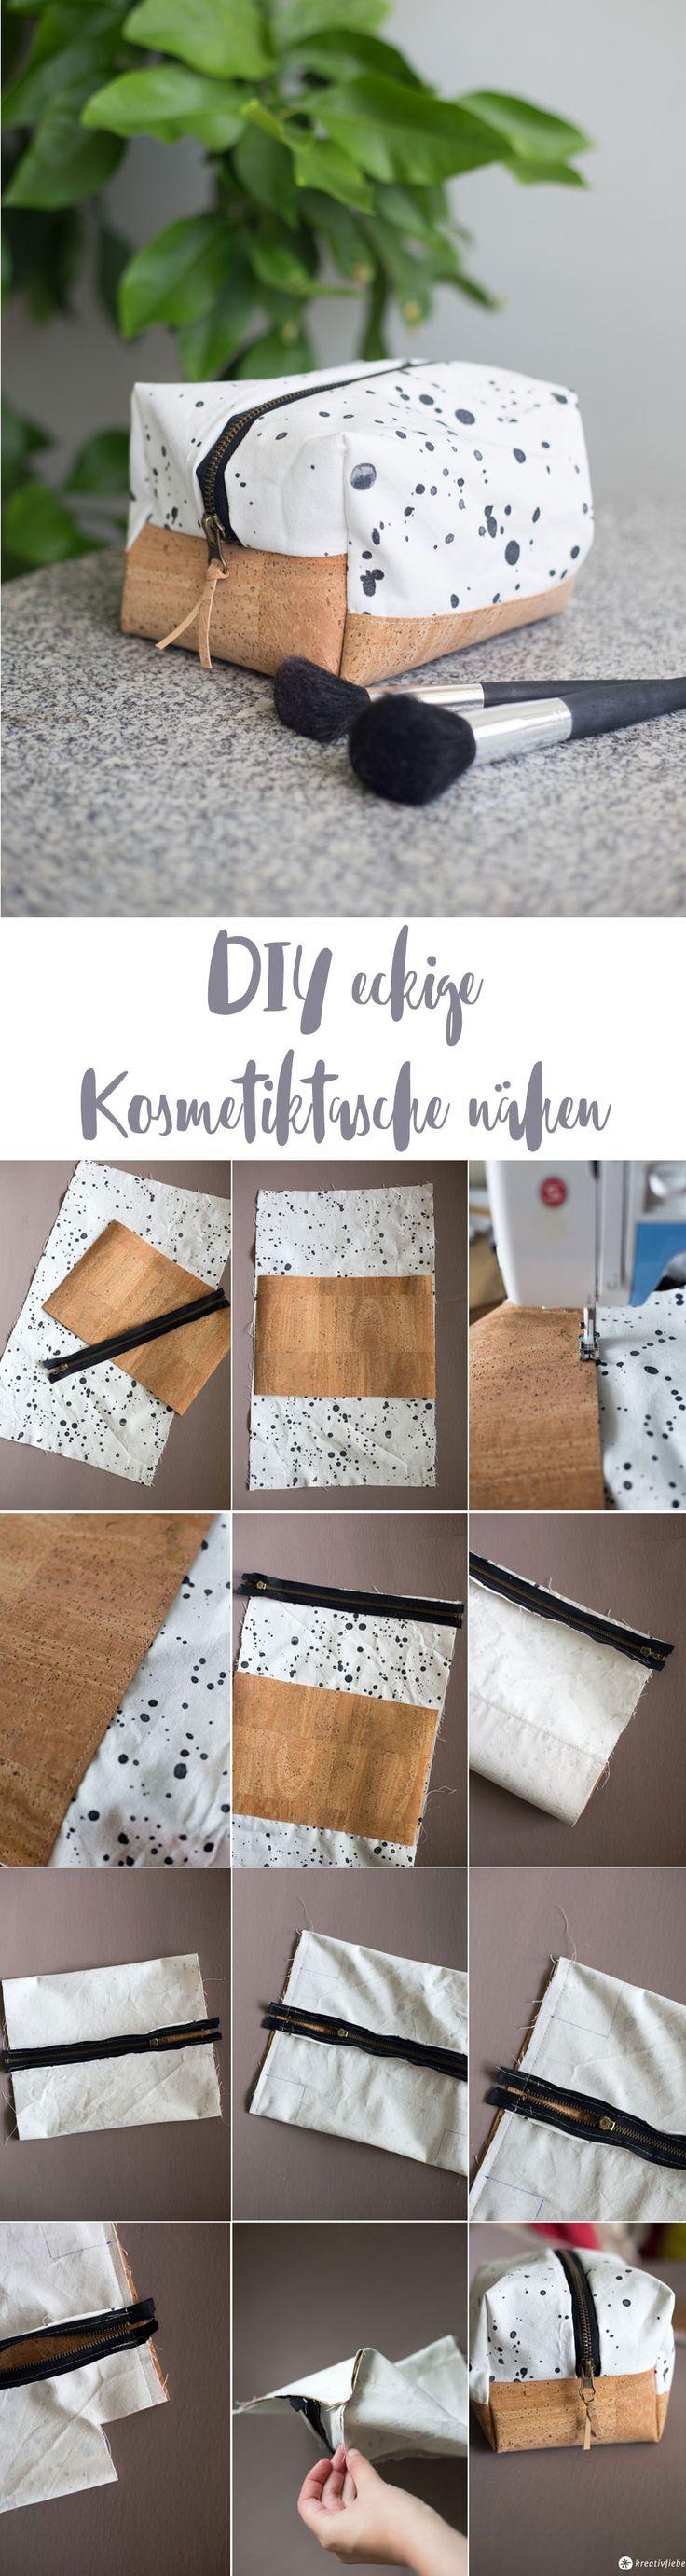 DIY eckige Kosmetiktasche selbernähen - Schritt für ...